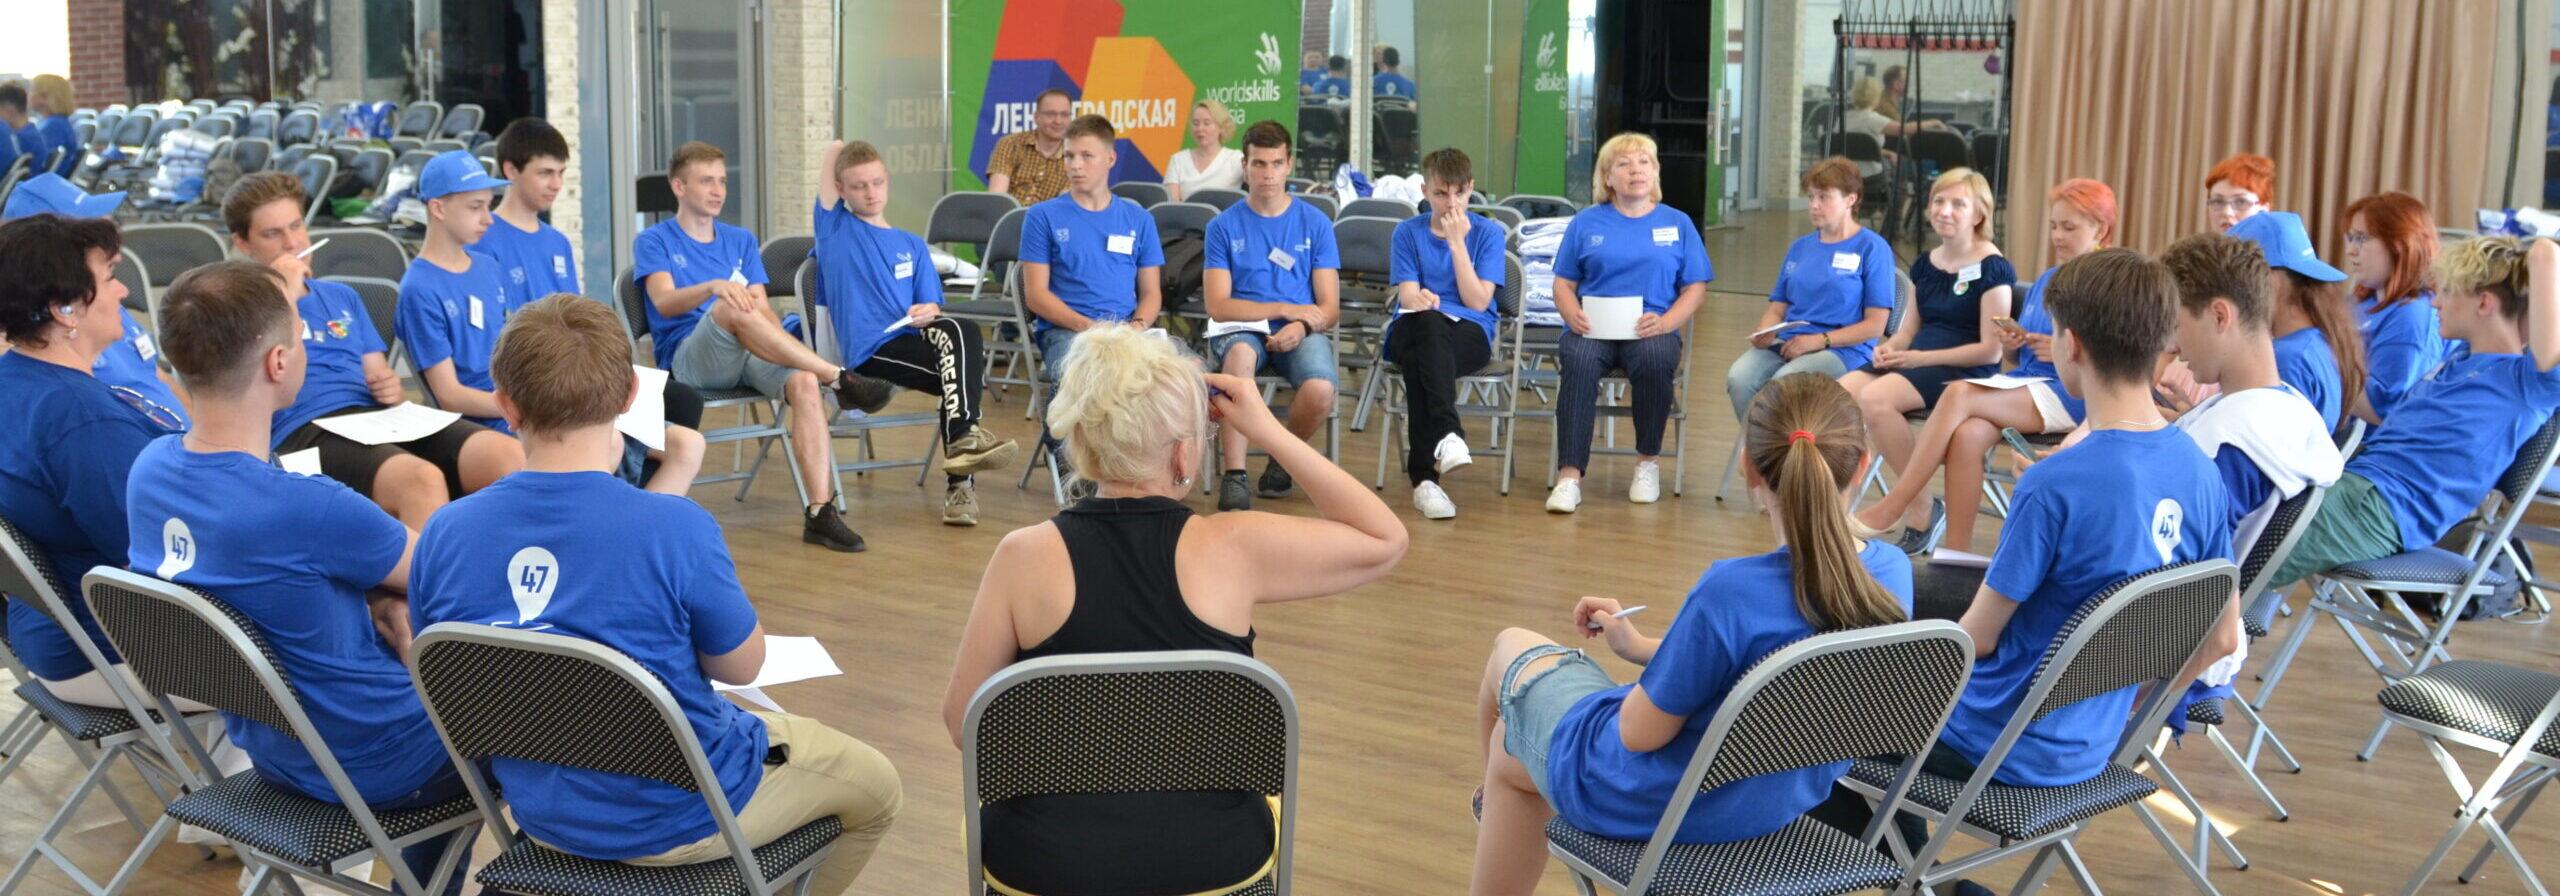 Тренинг для сборной Ворлдскиллс Ленинградской области